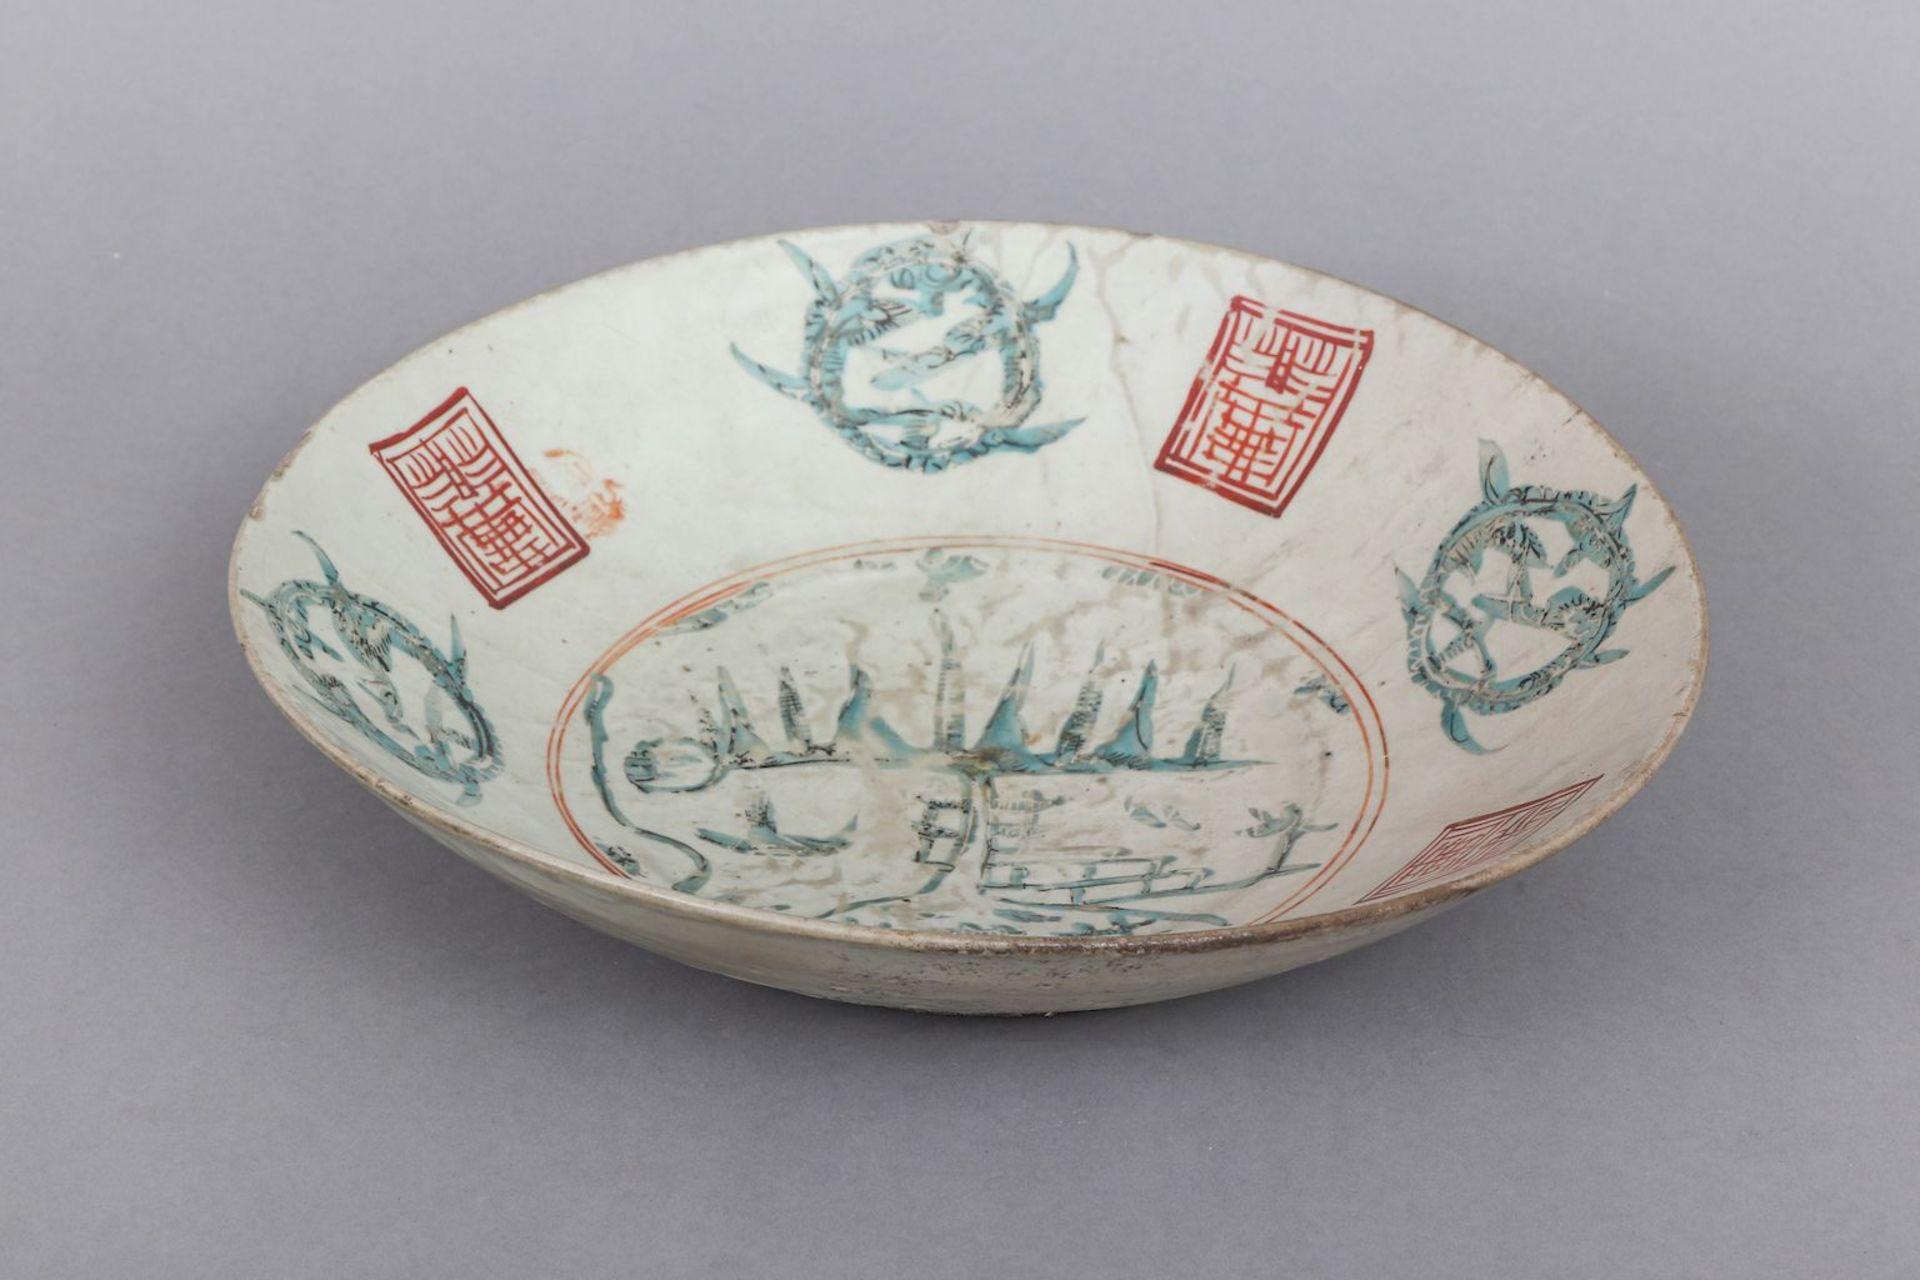 Chinesische Porzellanschale